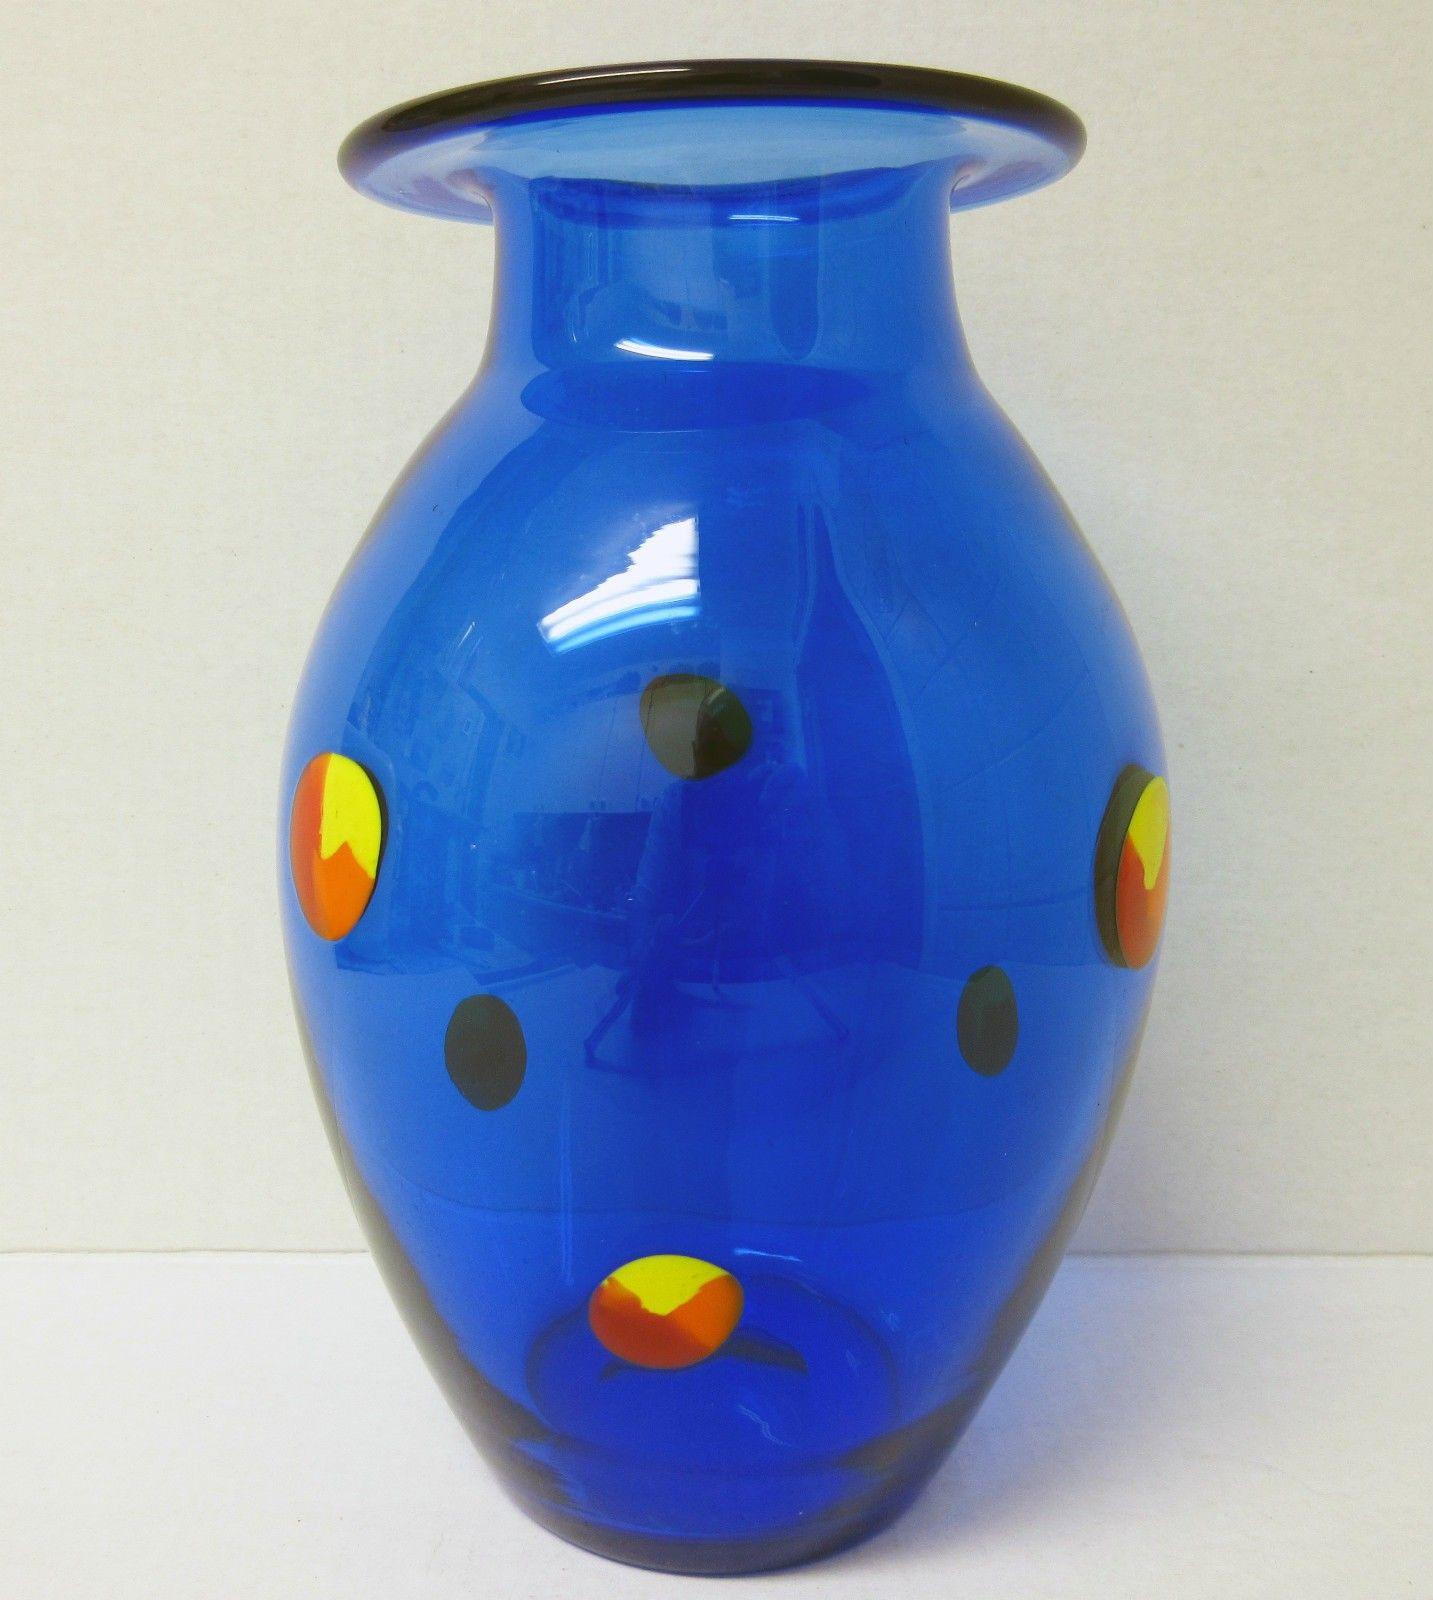 small cobalt blue vase of cobalt blue with multi color prunts orrefors sweden art glass vase with regard to cobalt blue with multi color prunts orrefors sweden art glass vase measures approximately 8 1 2″ x 5″ sand blasted etched signature on the base